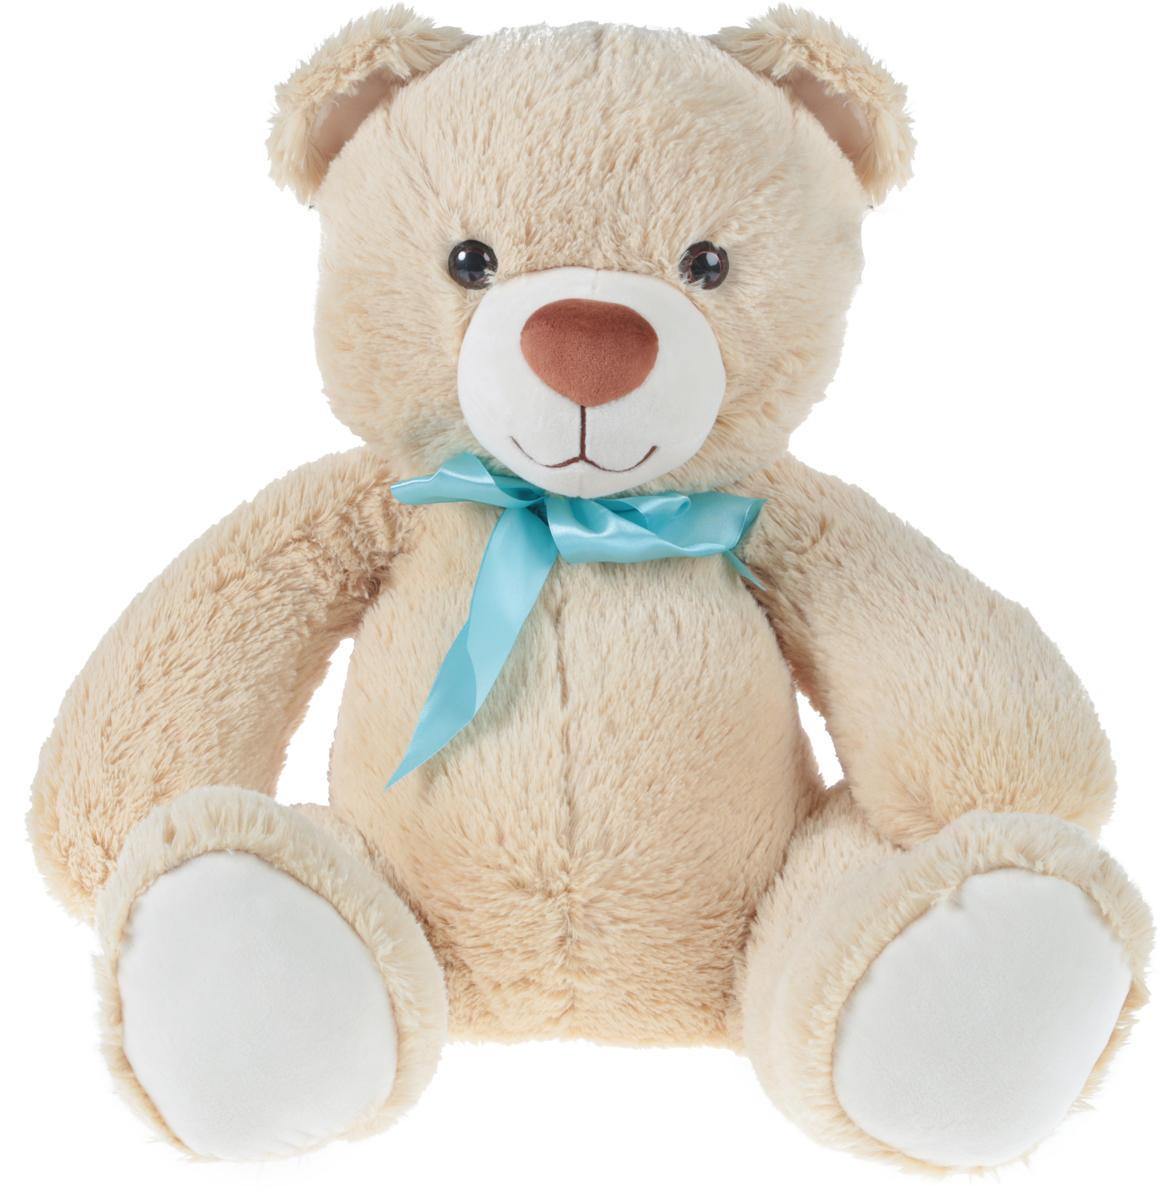 СмолТойс Мягкая игрушка Медвежонок цвет бежевый с бантиком 40 см смолтойс мягкая игрушка зайка даша цвет салатовый 41 см